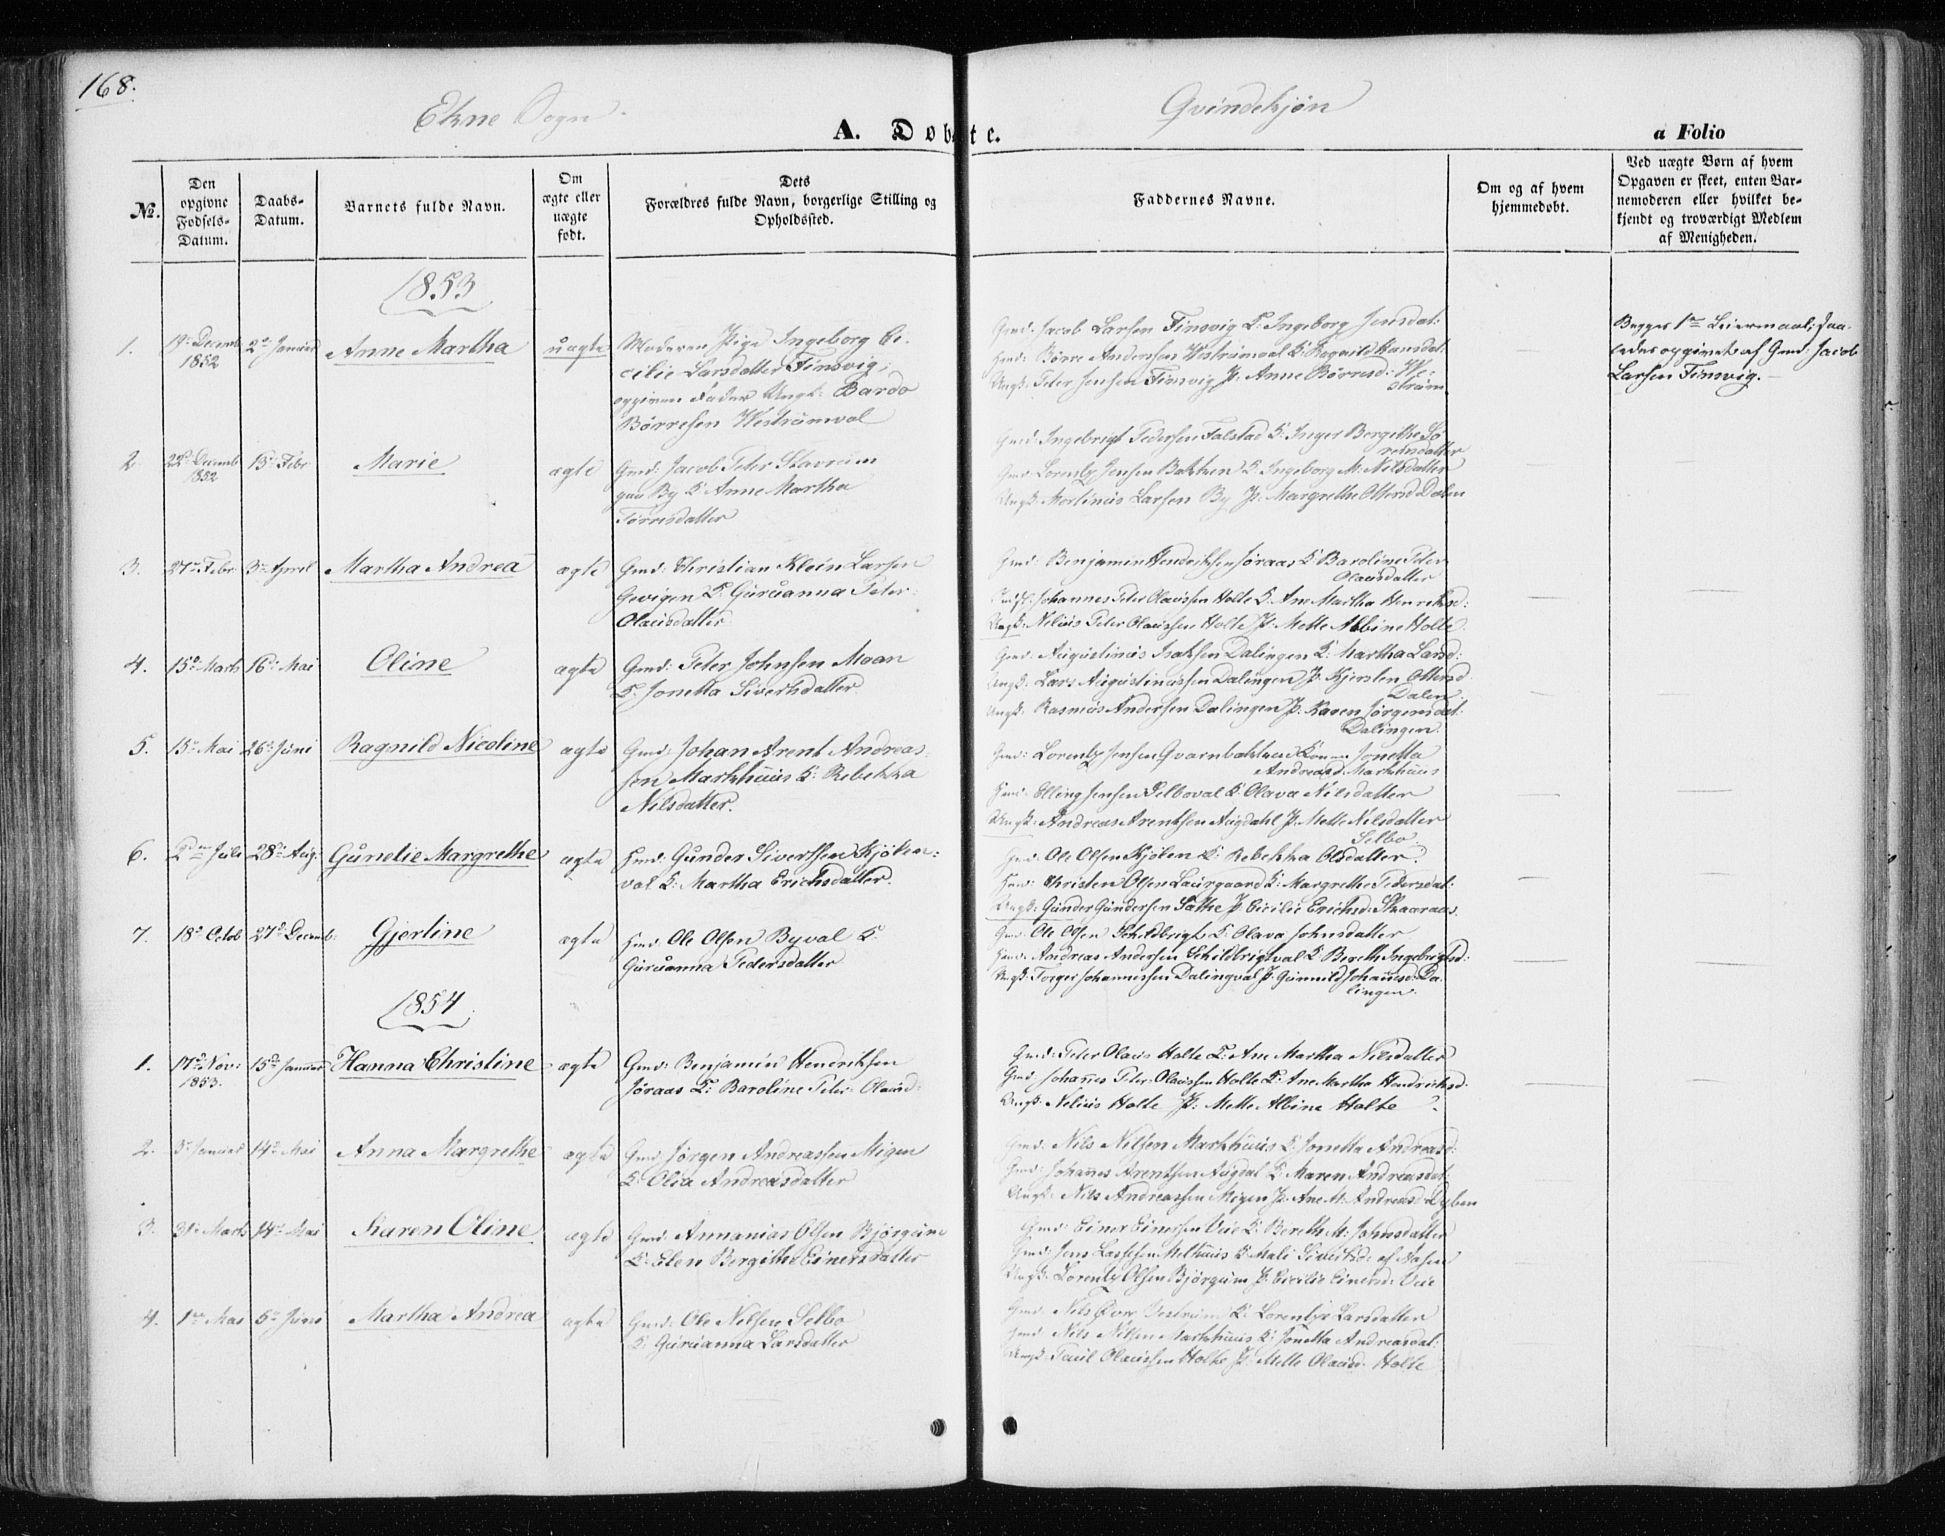 SAT, Ministerialprotokoller, klokkerbøker og fødselsregistre - Nord-Trøndelag, 717/L0154: Ministerialbok nr. 717A07 /3, 1850-1862, s. 168